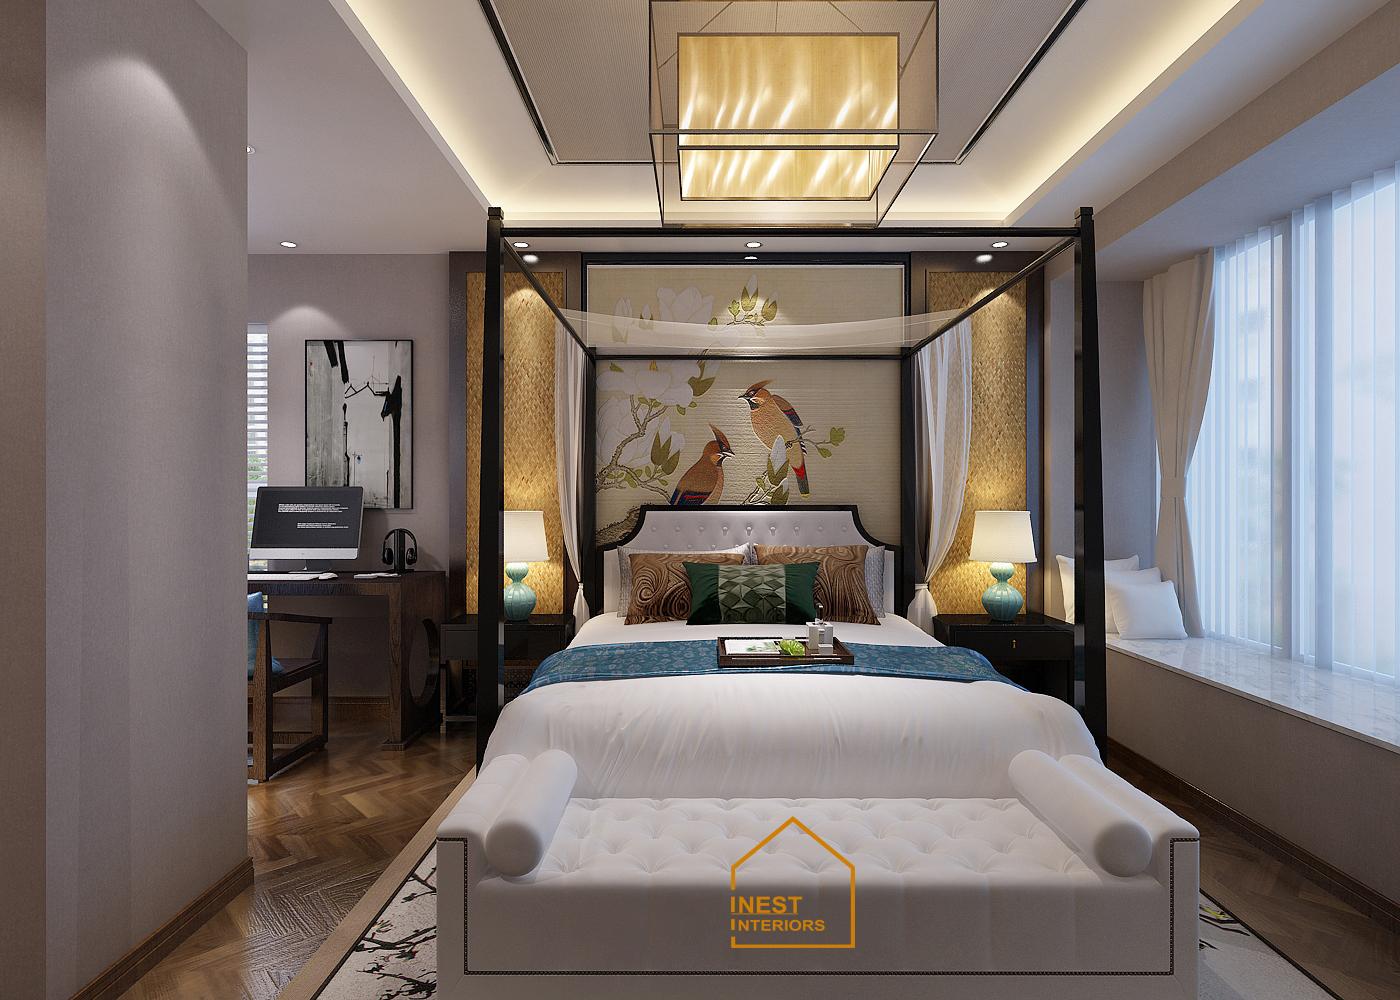 Thiết kế nội thất biệt thự Quảng Ninh